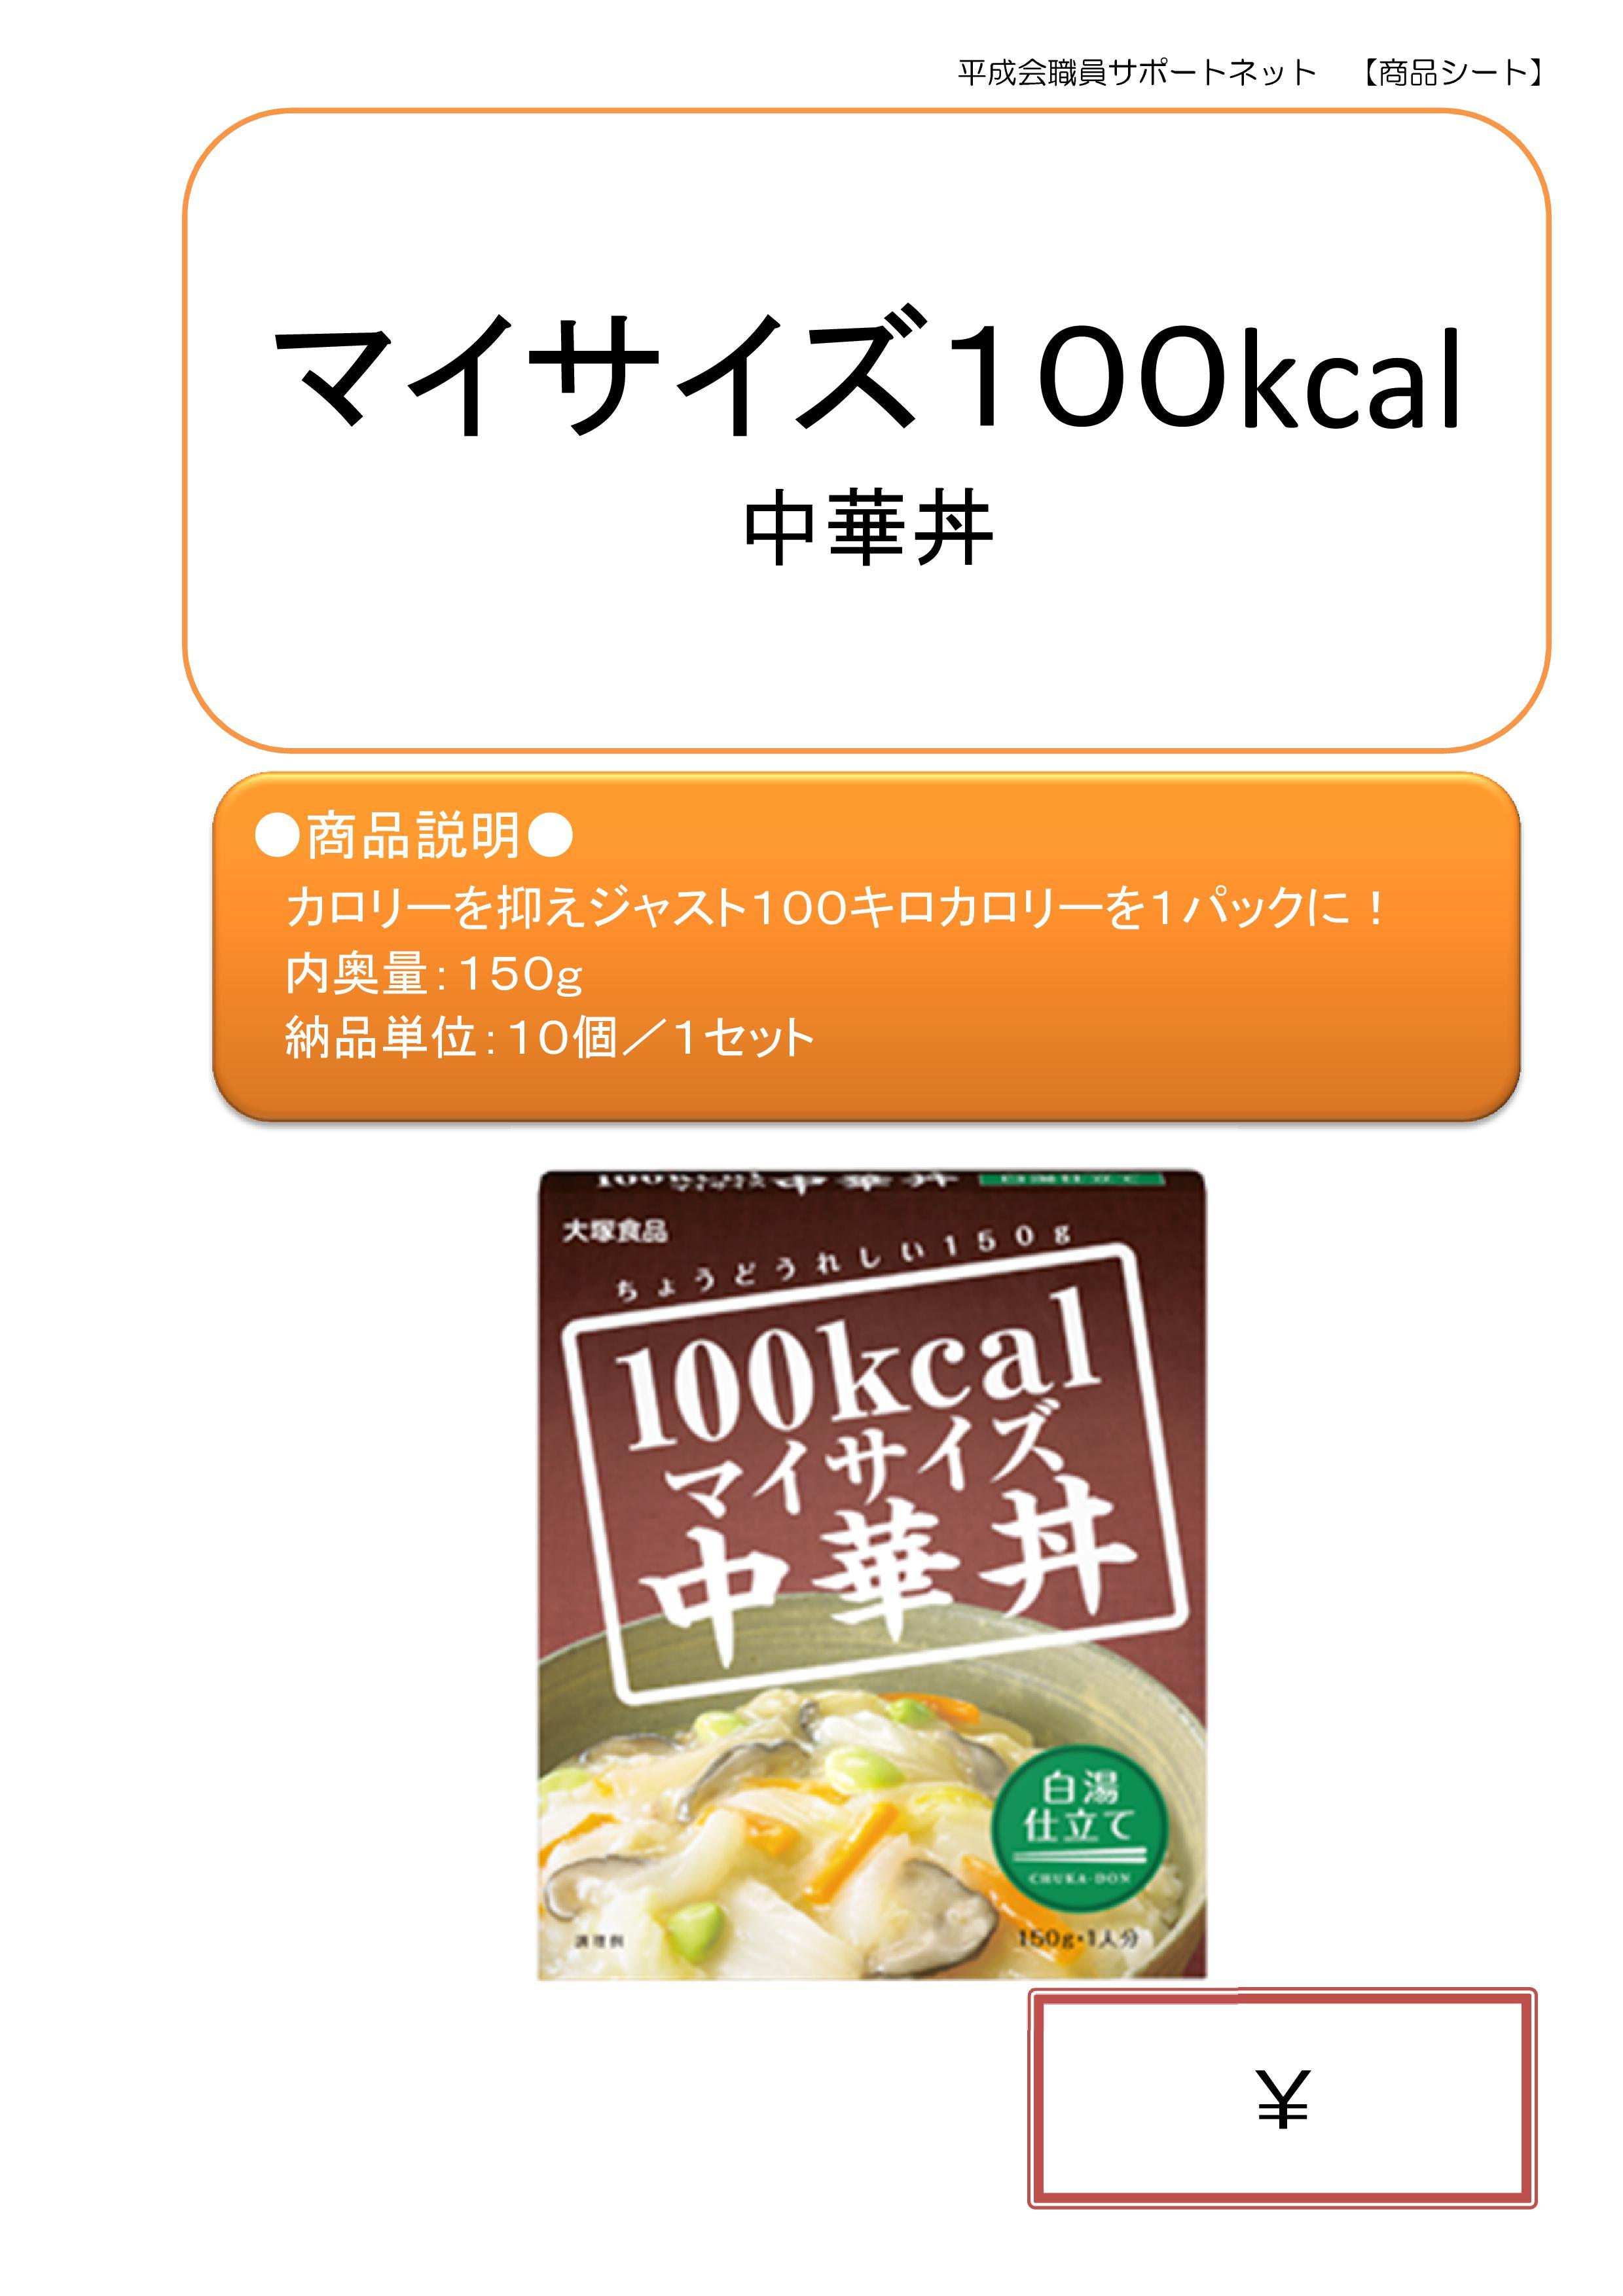 マイサイズ100kcal(中華丼)